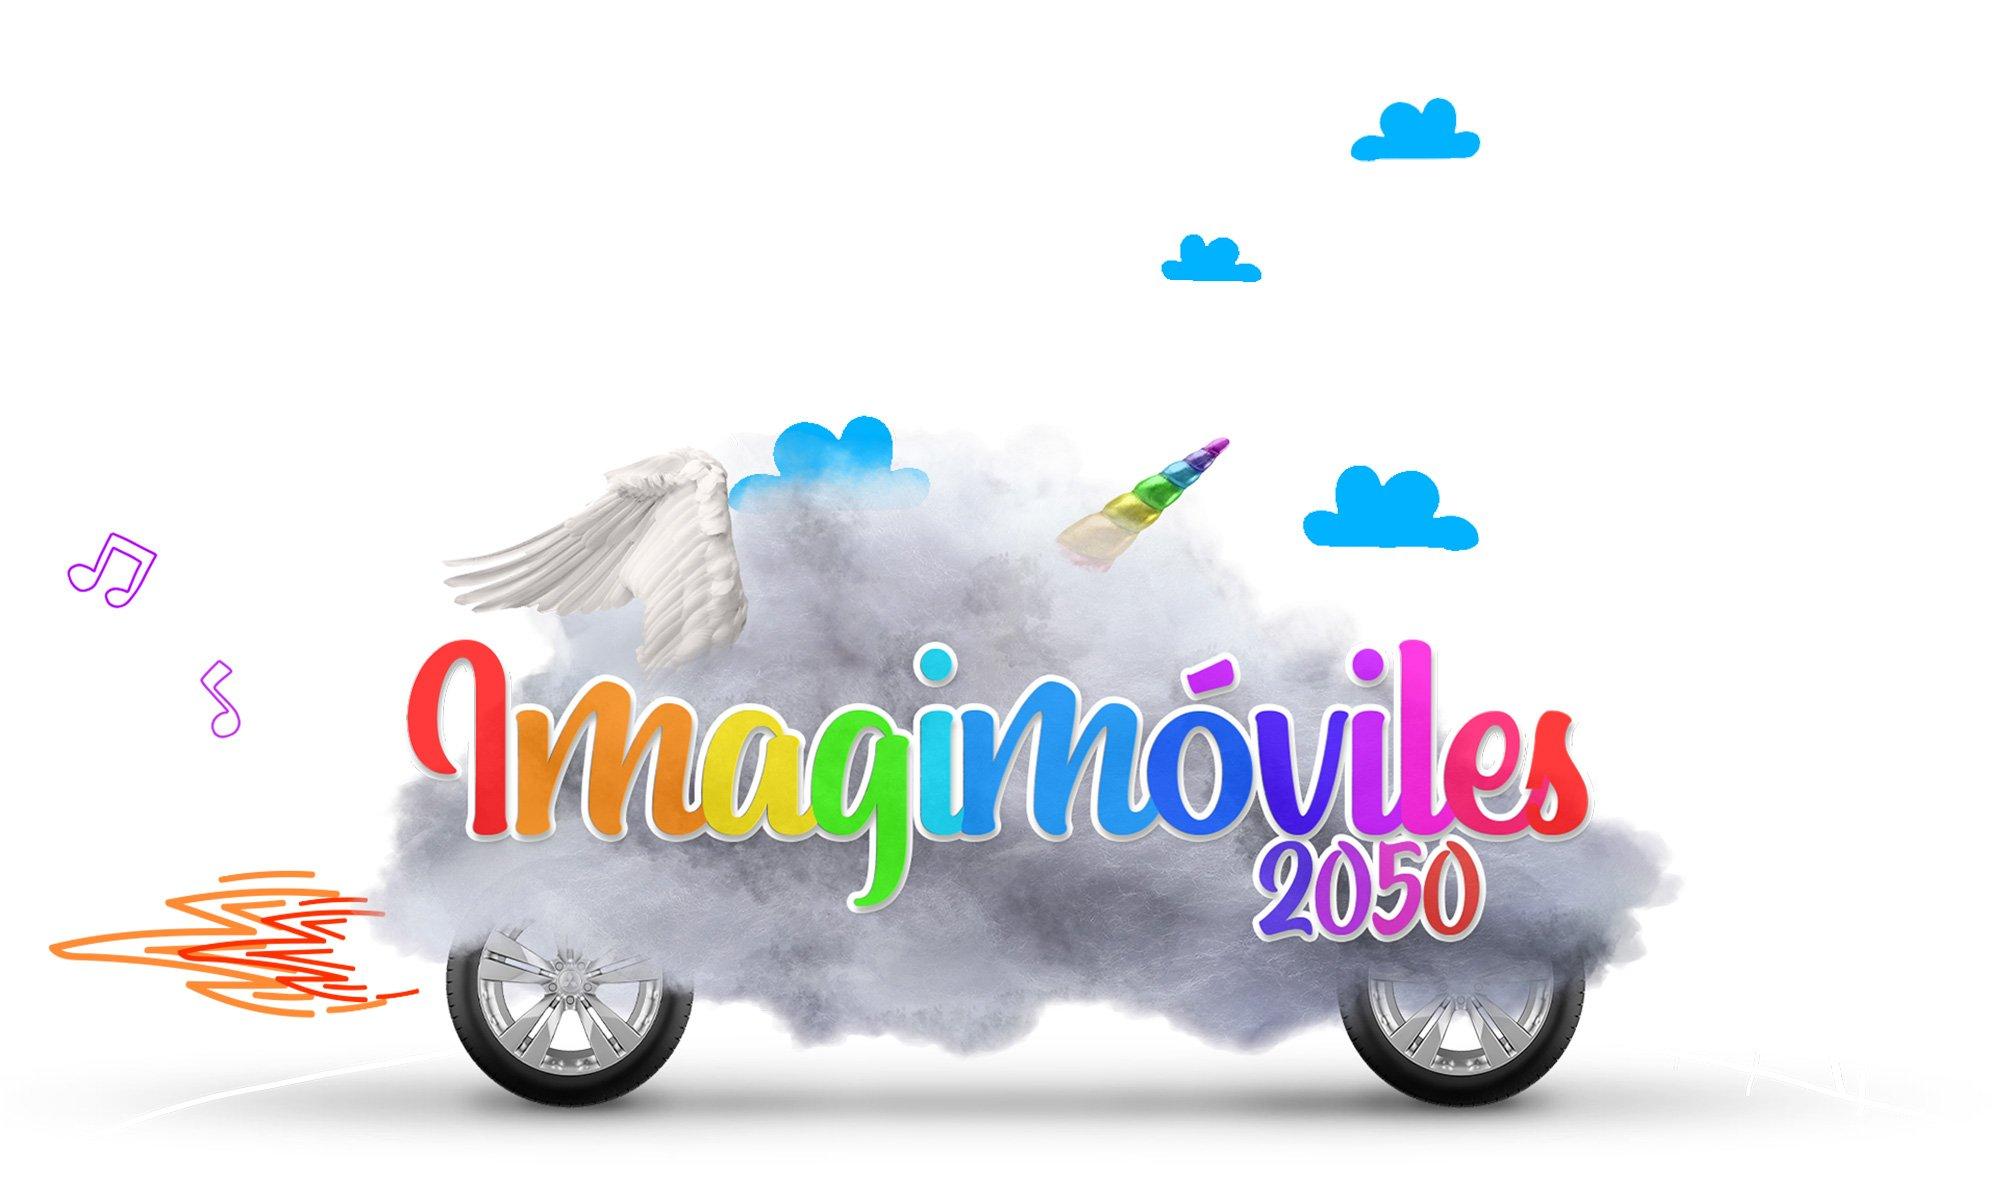 Imagimoviles 2050 Mitsubishi Motors